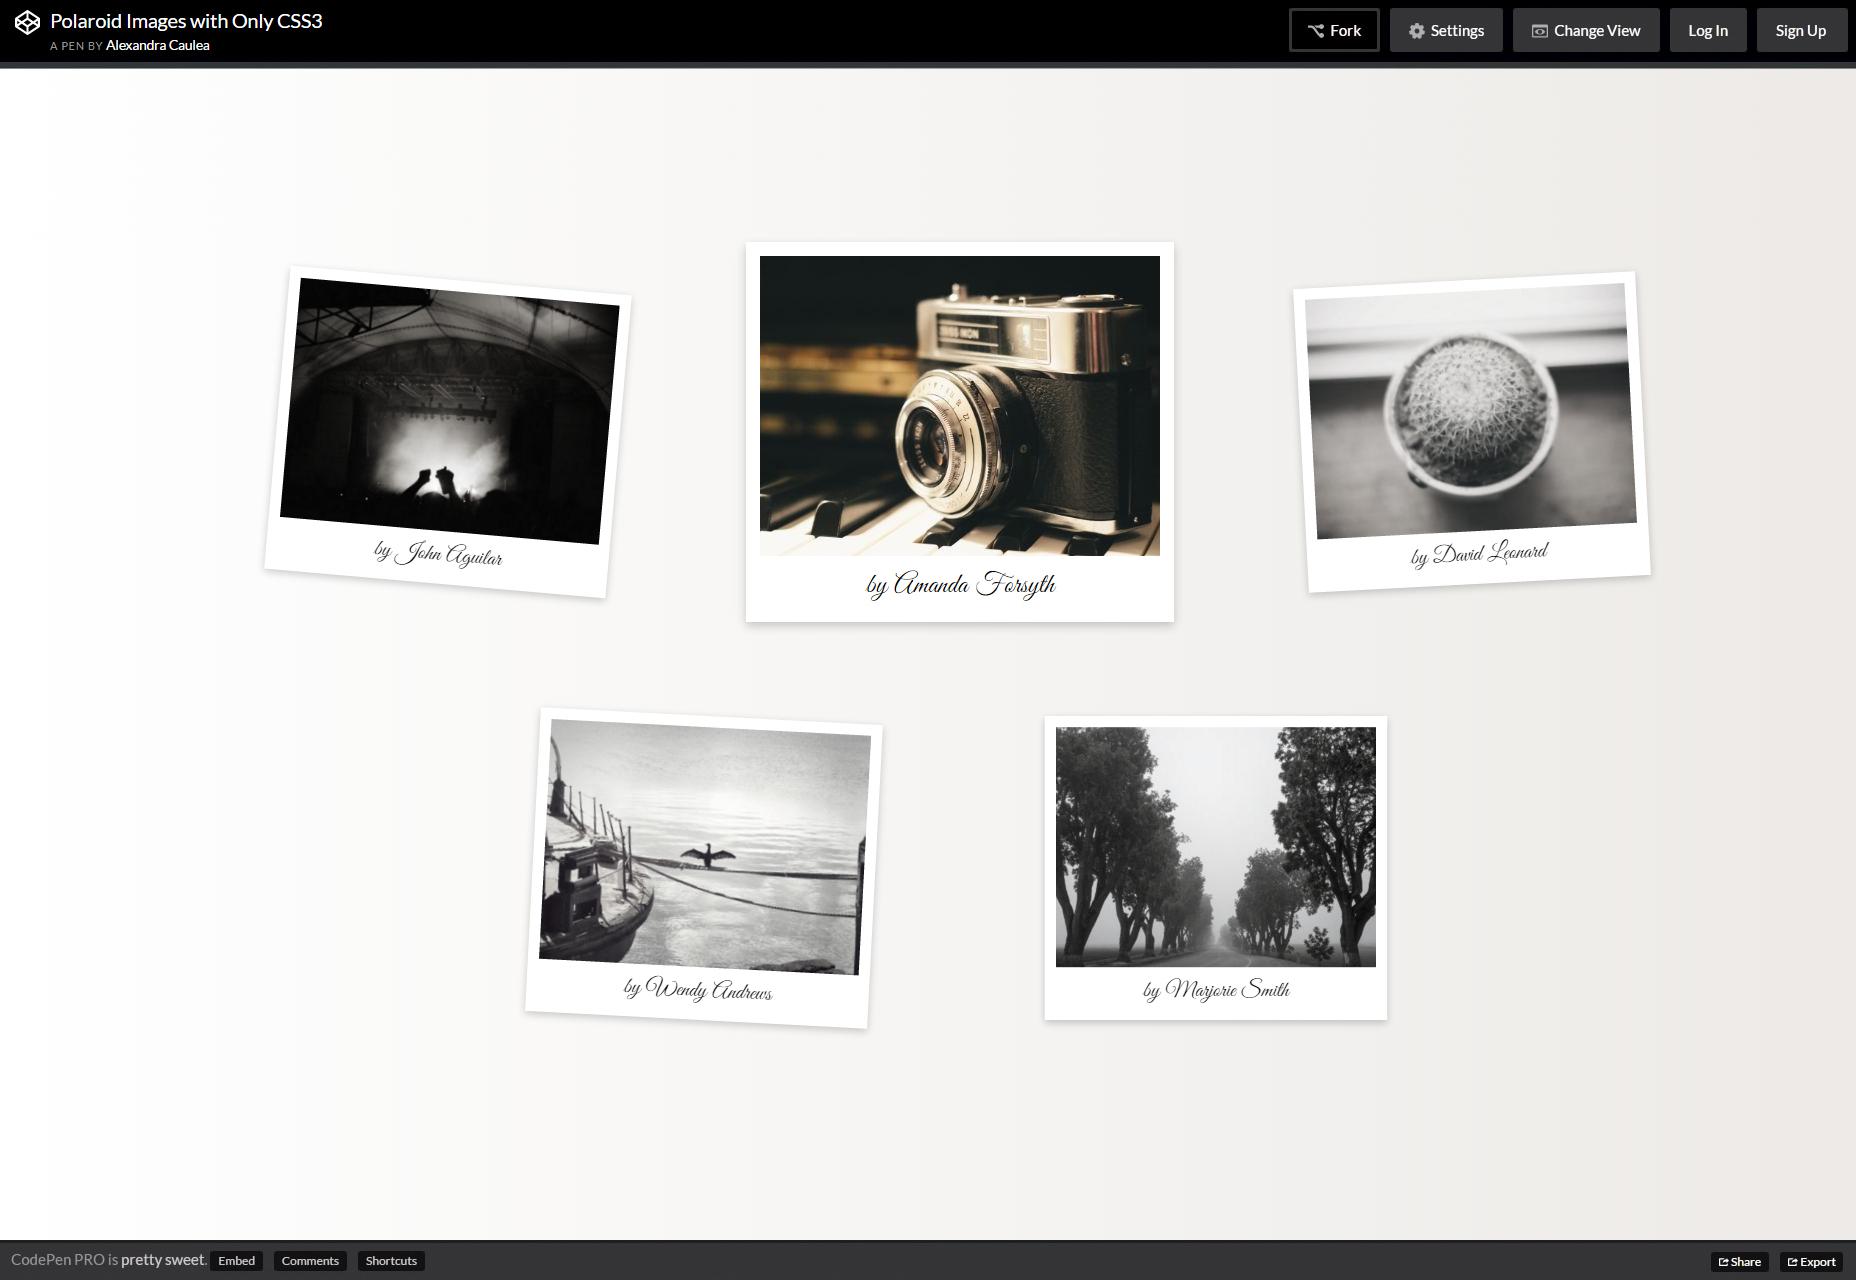 Efectos Polaroid CSS3-Only